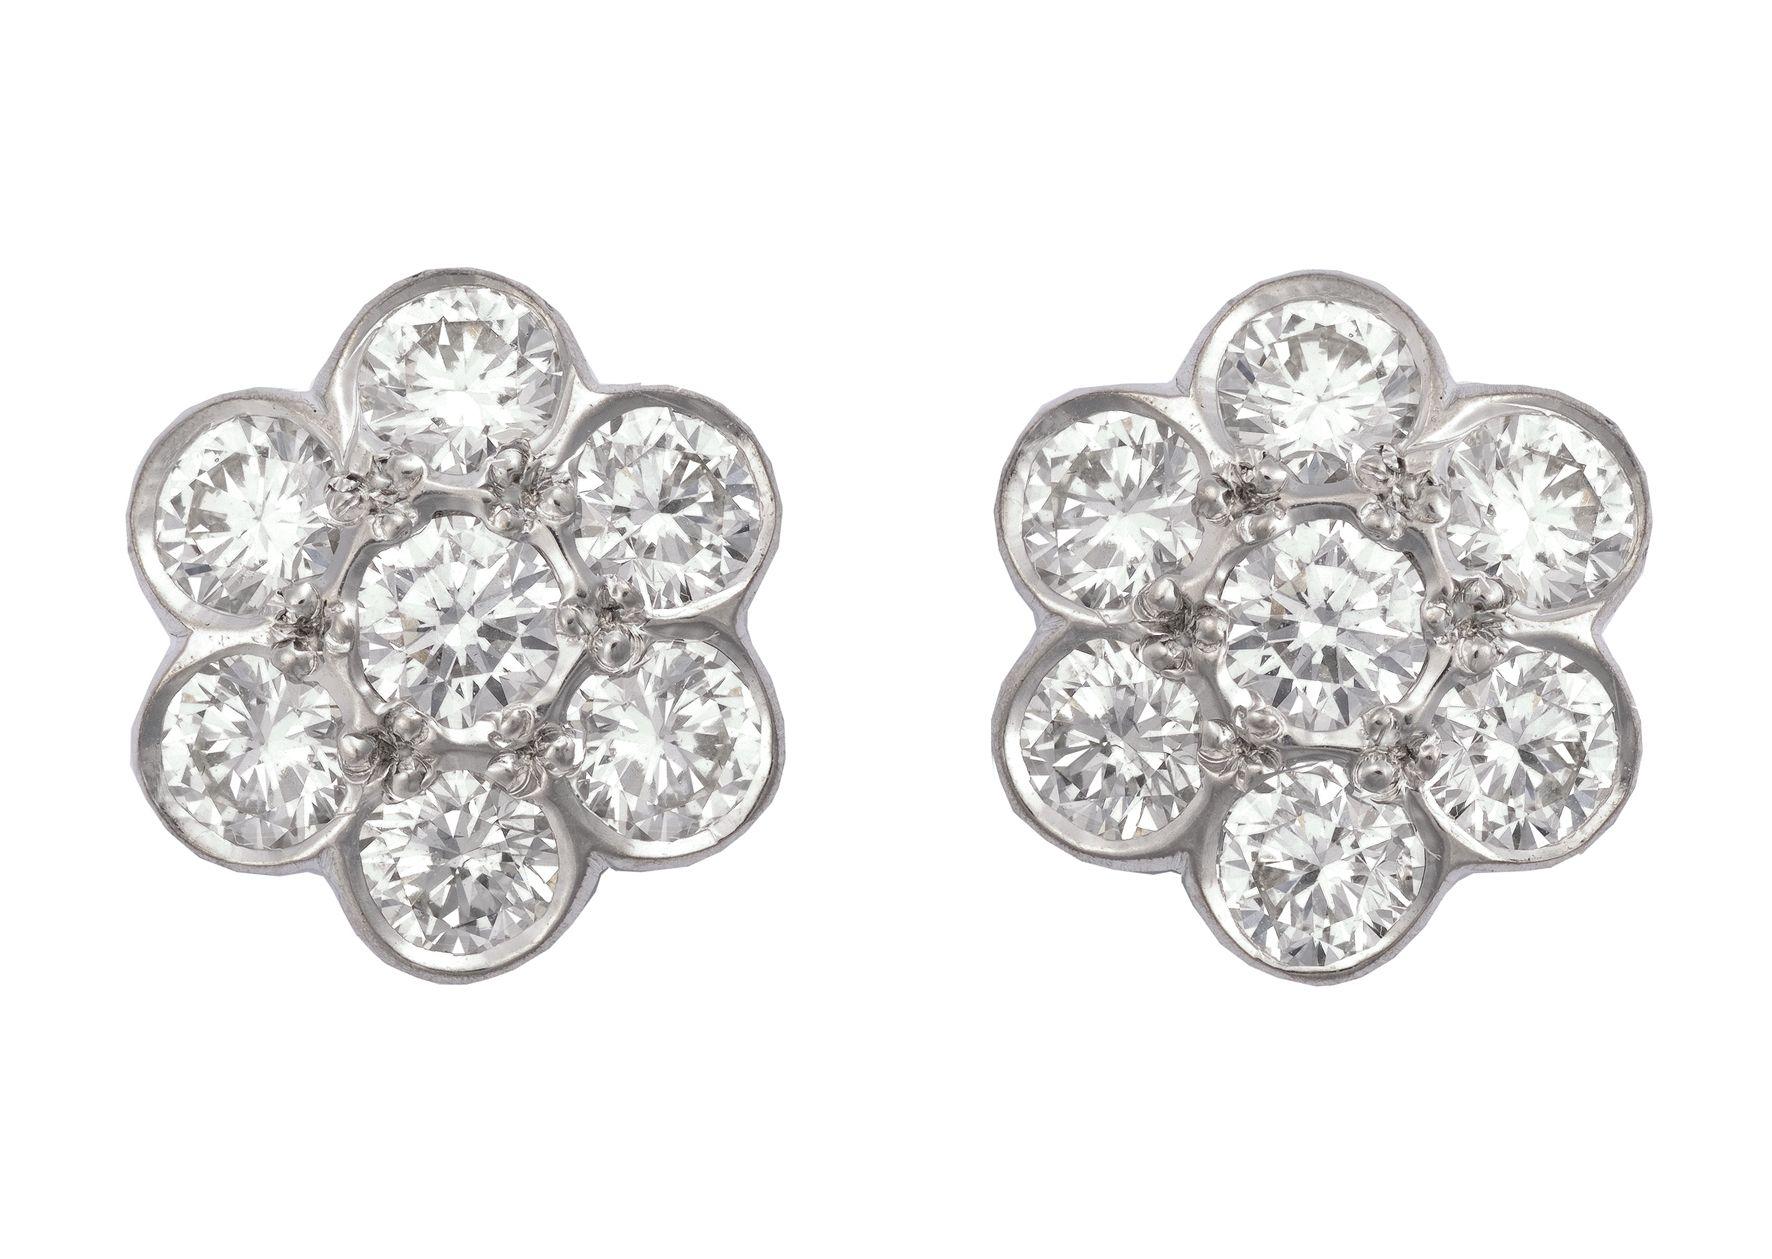 Daisy cluster diamond earrings Earrings Pinterest